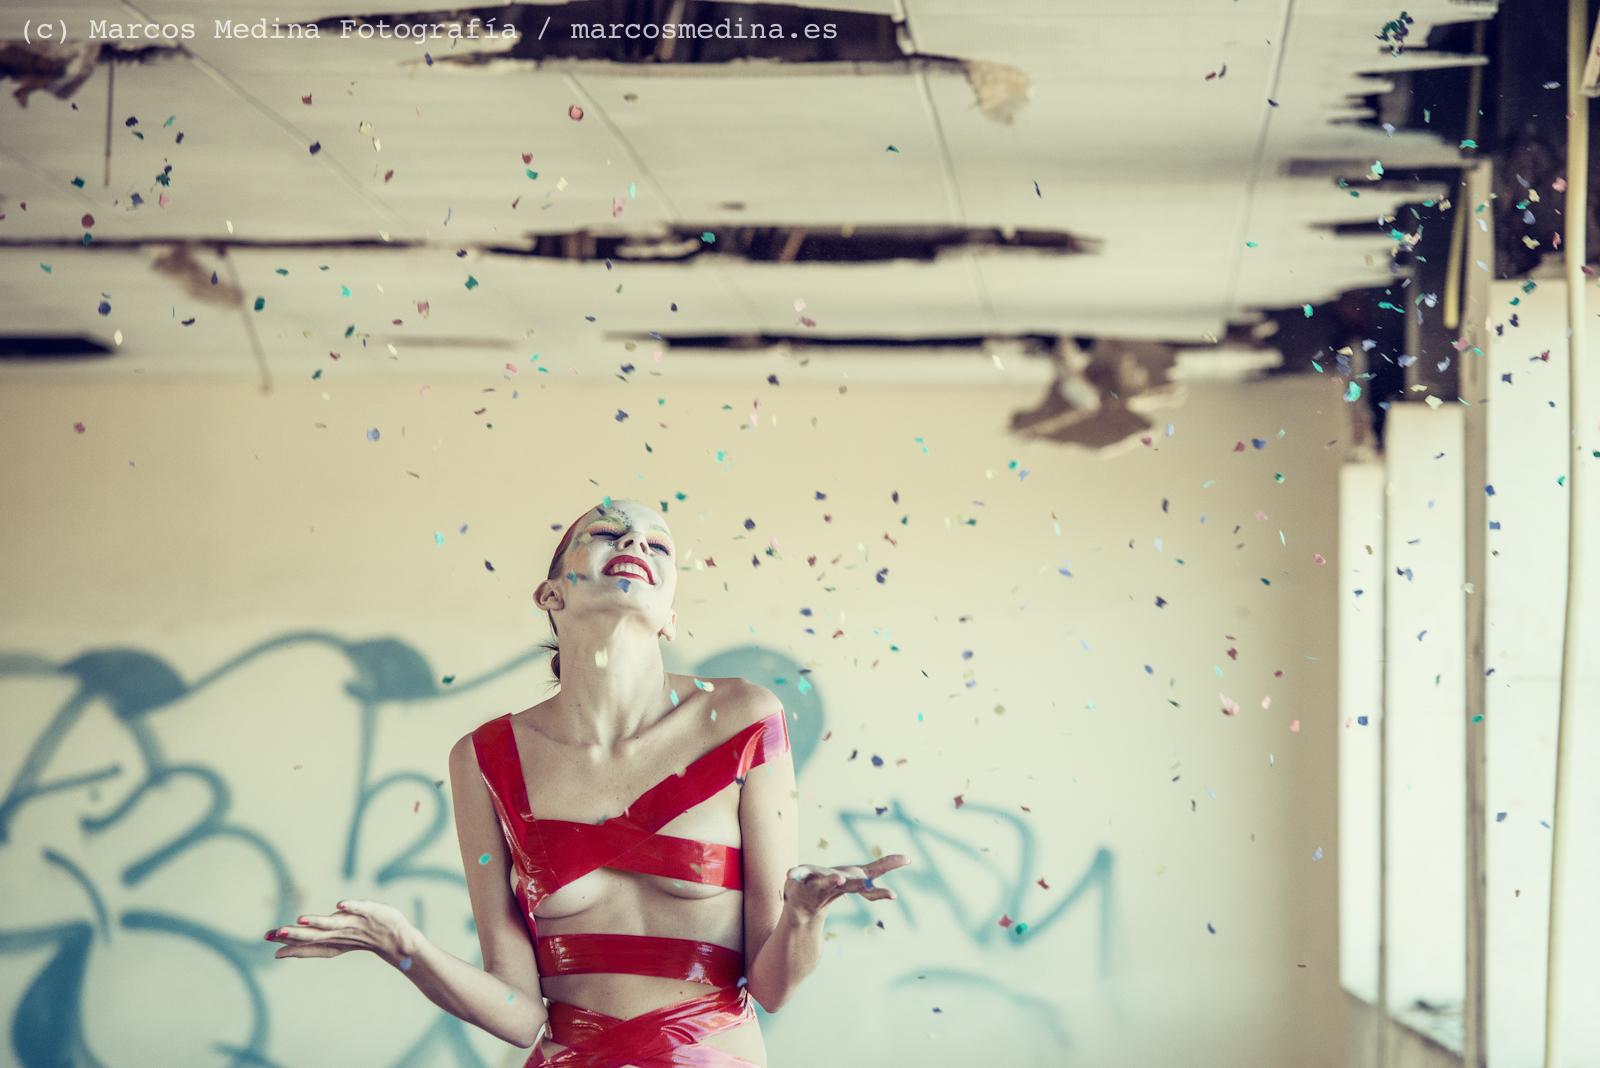 Marcos_Medina_Fotografia_Optimismo_2